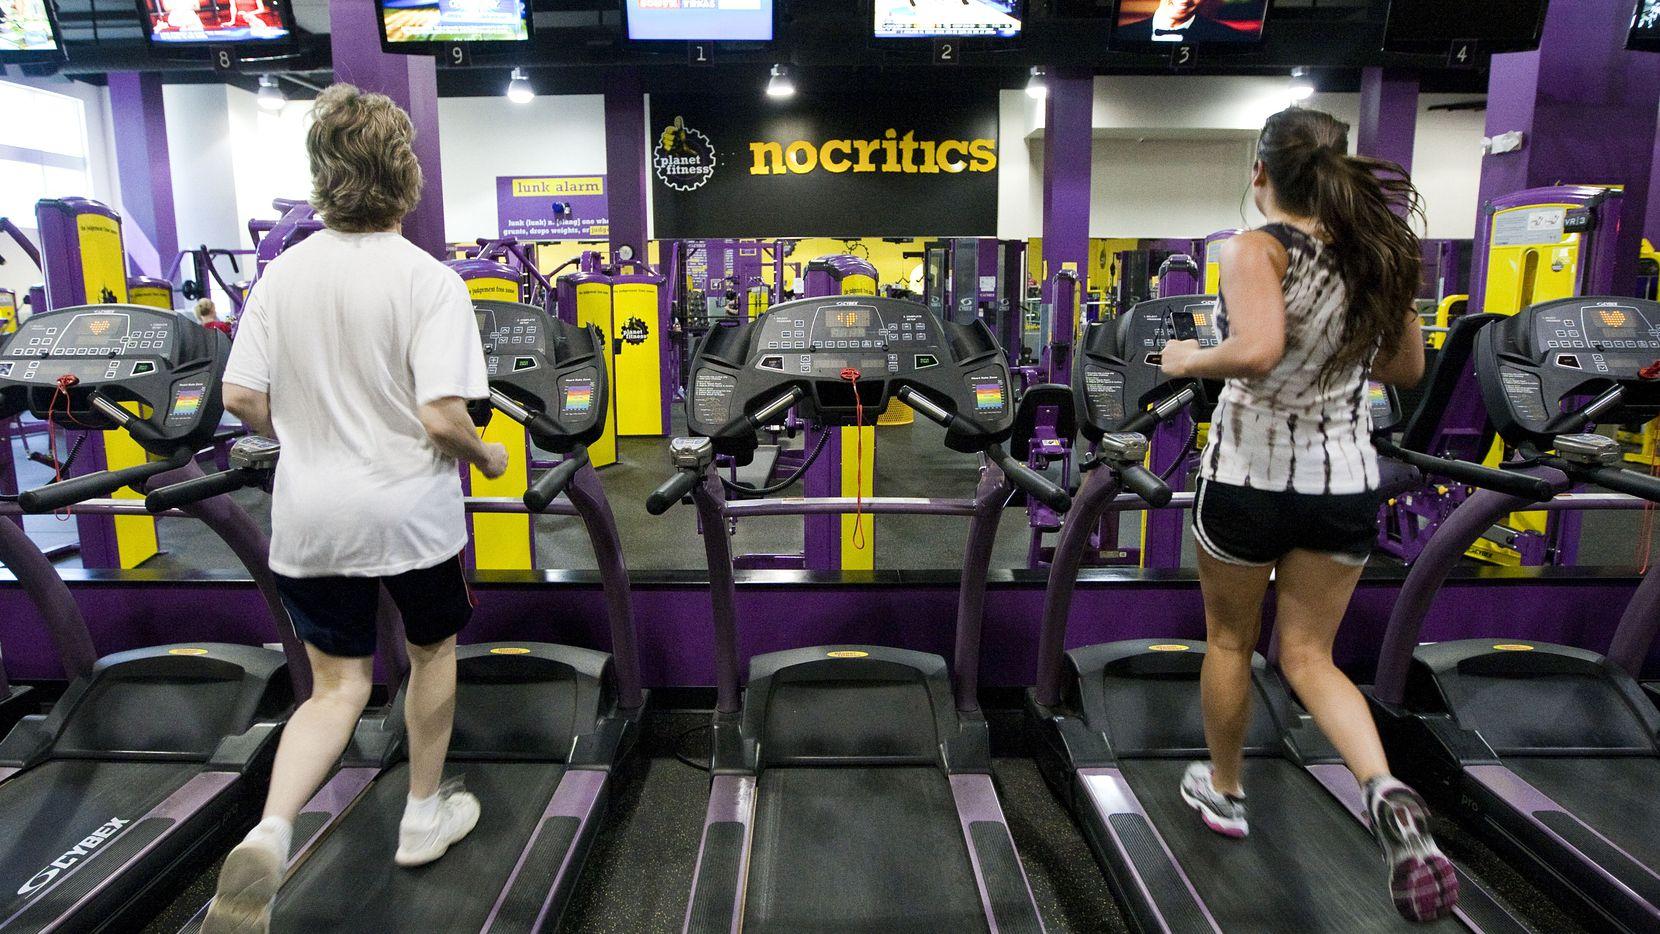 Si los casos de covid-19 no están controlados donde vive, los expertos dicen que lo mejor es no ir a un gimnasio.